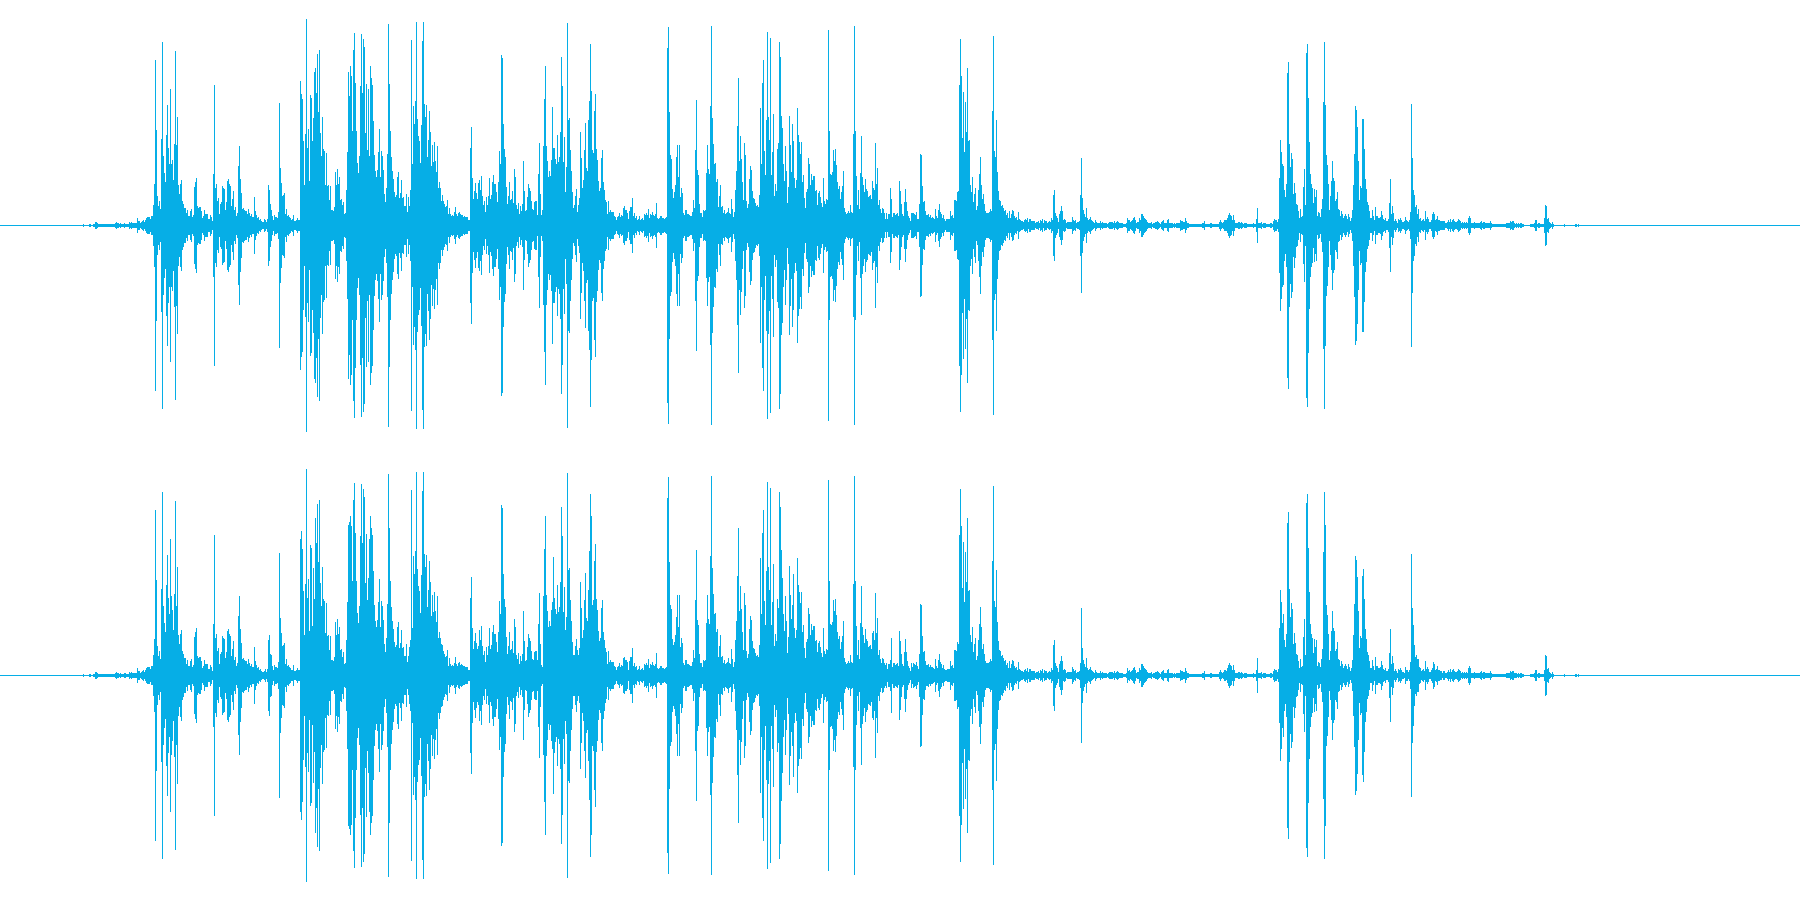 グシャリ系(卵の殻を握る音)の再生済みの波形